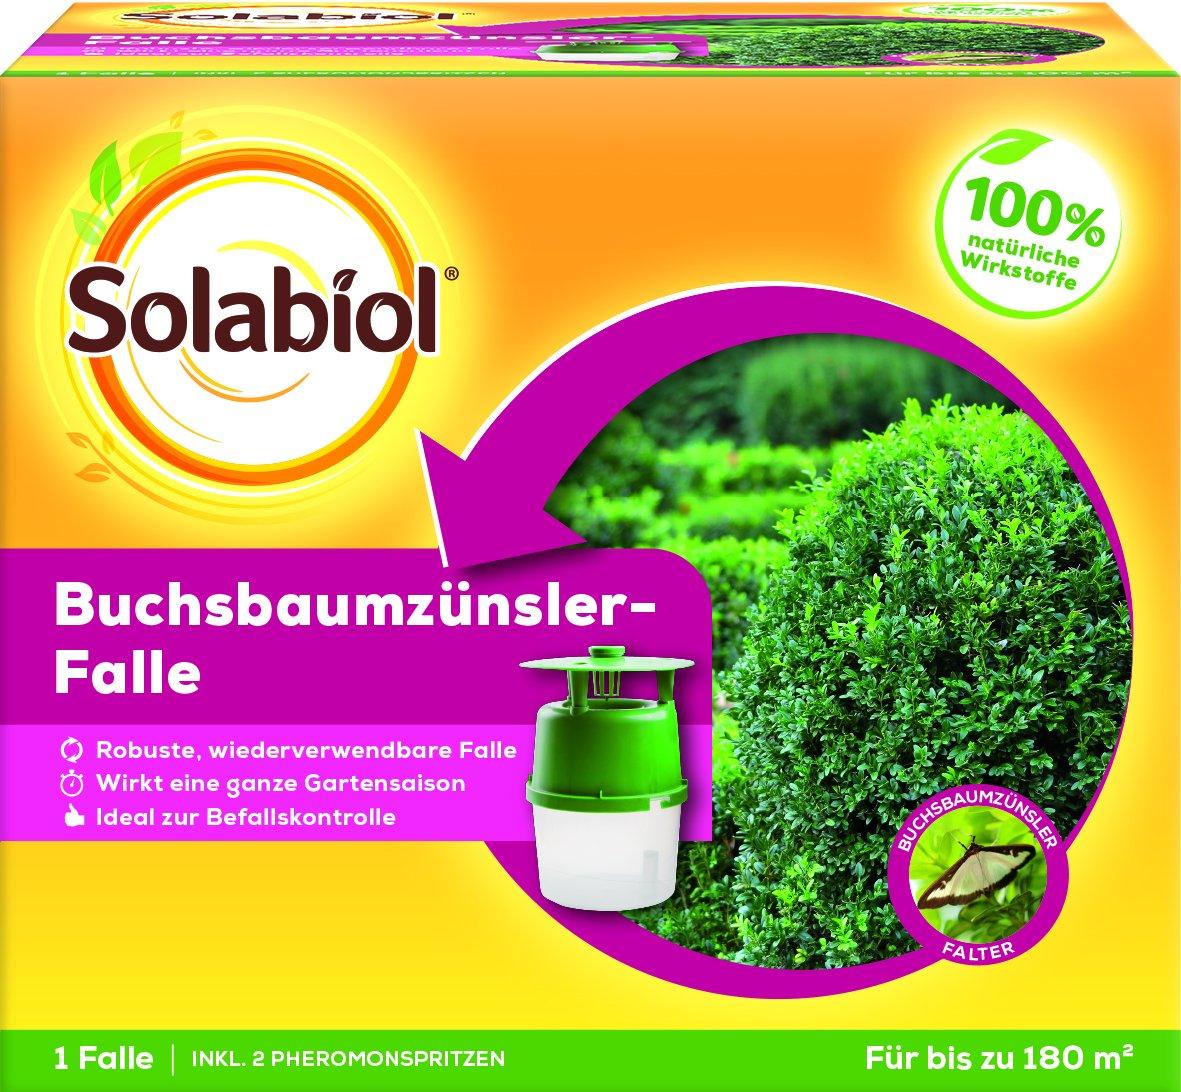 Solabiol Buchsbaumzünsler-Falle Insektenabwehr draußen, Farblos, 14 x 14 x 12 cm SBM Life Science GmbH 84506818